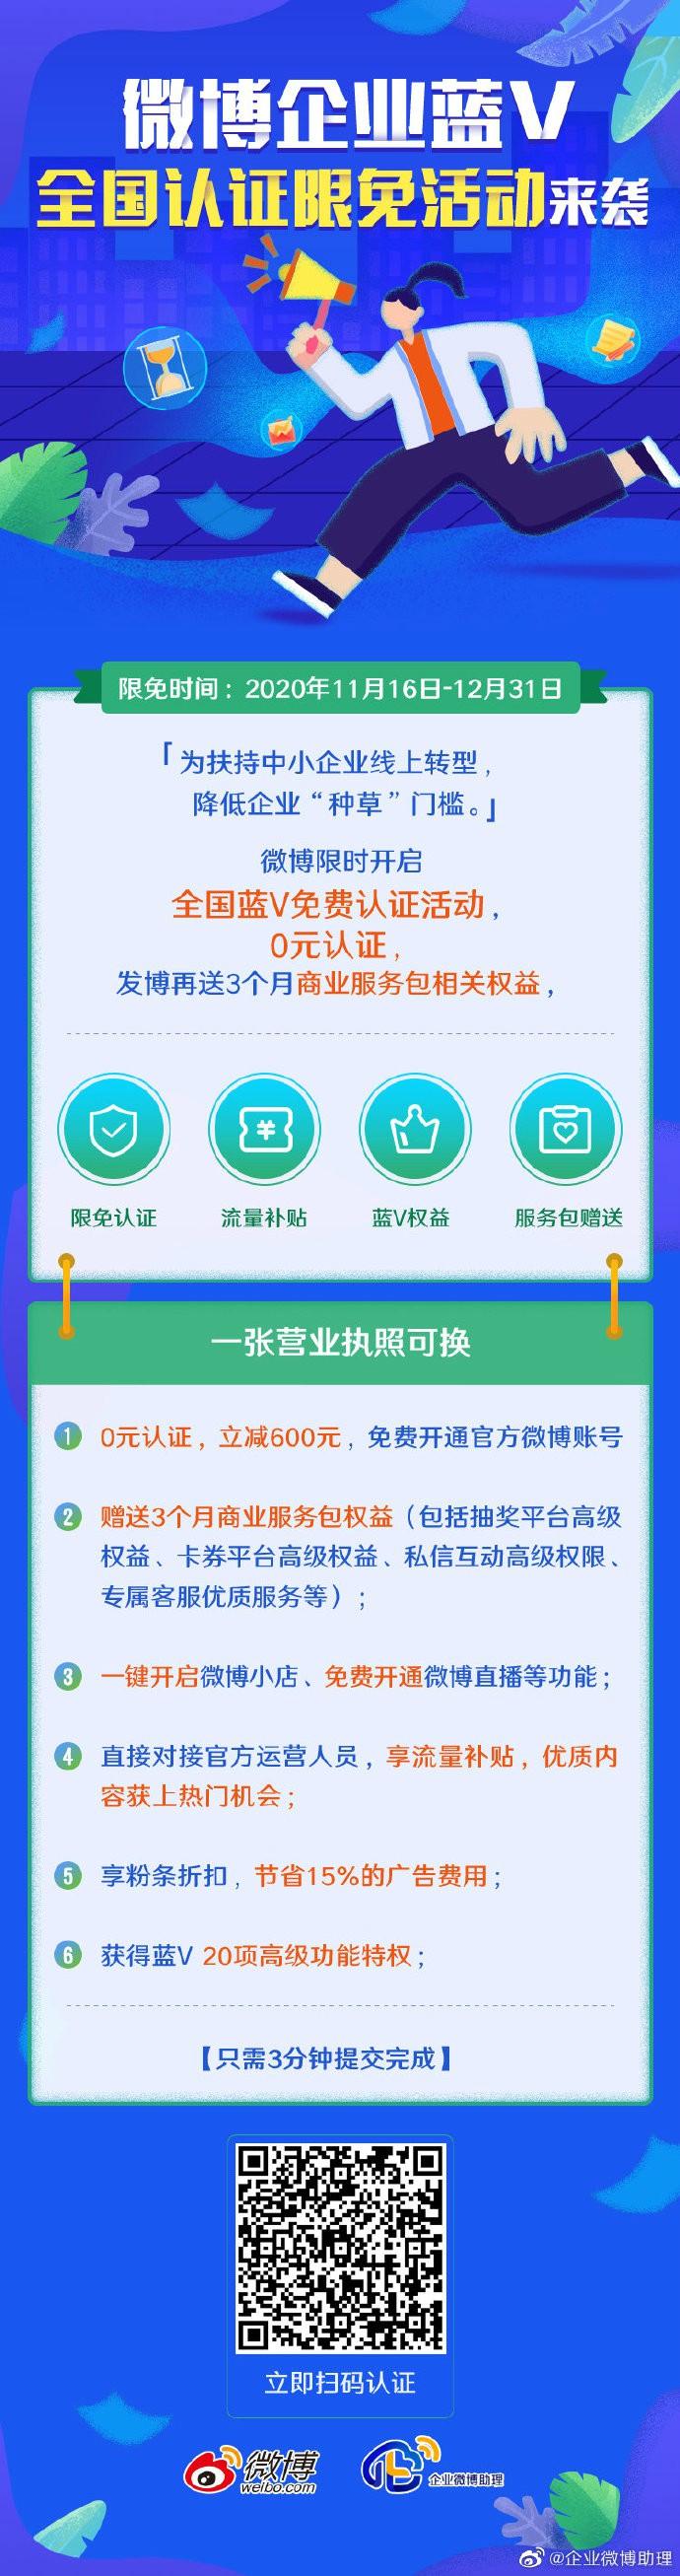 微博企业蓝V认证全国限时免费